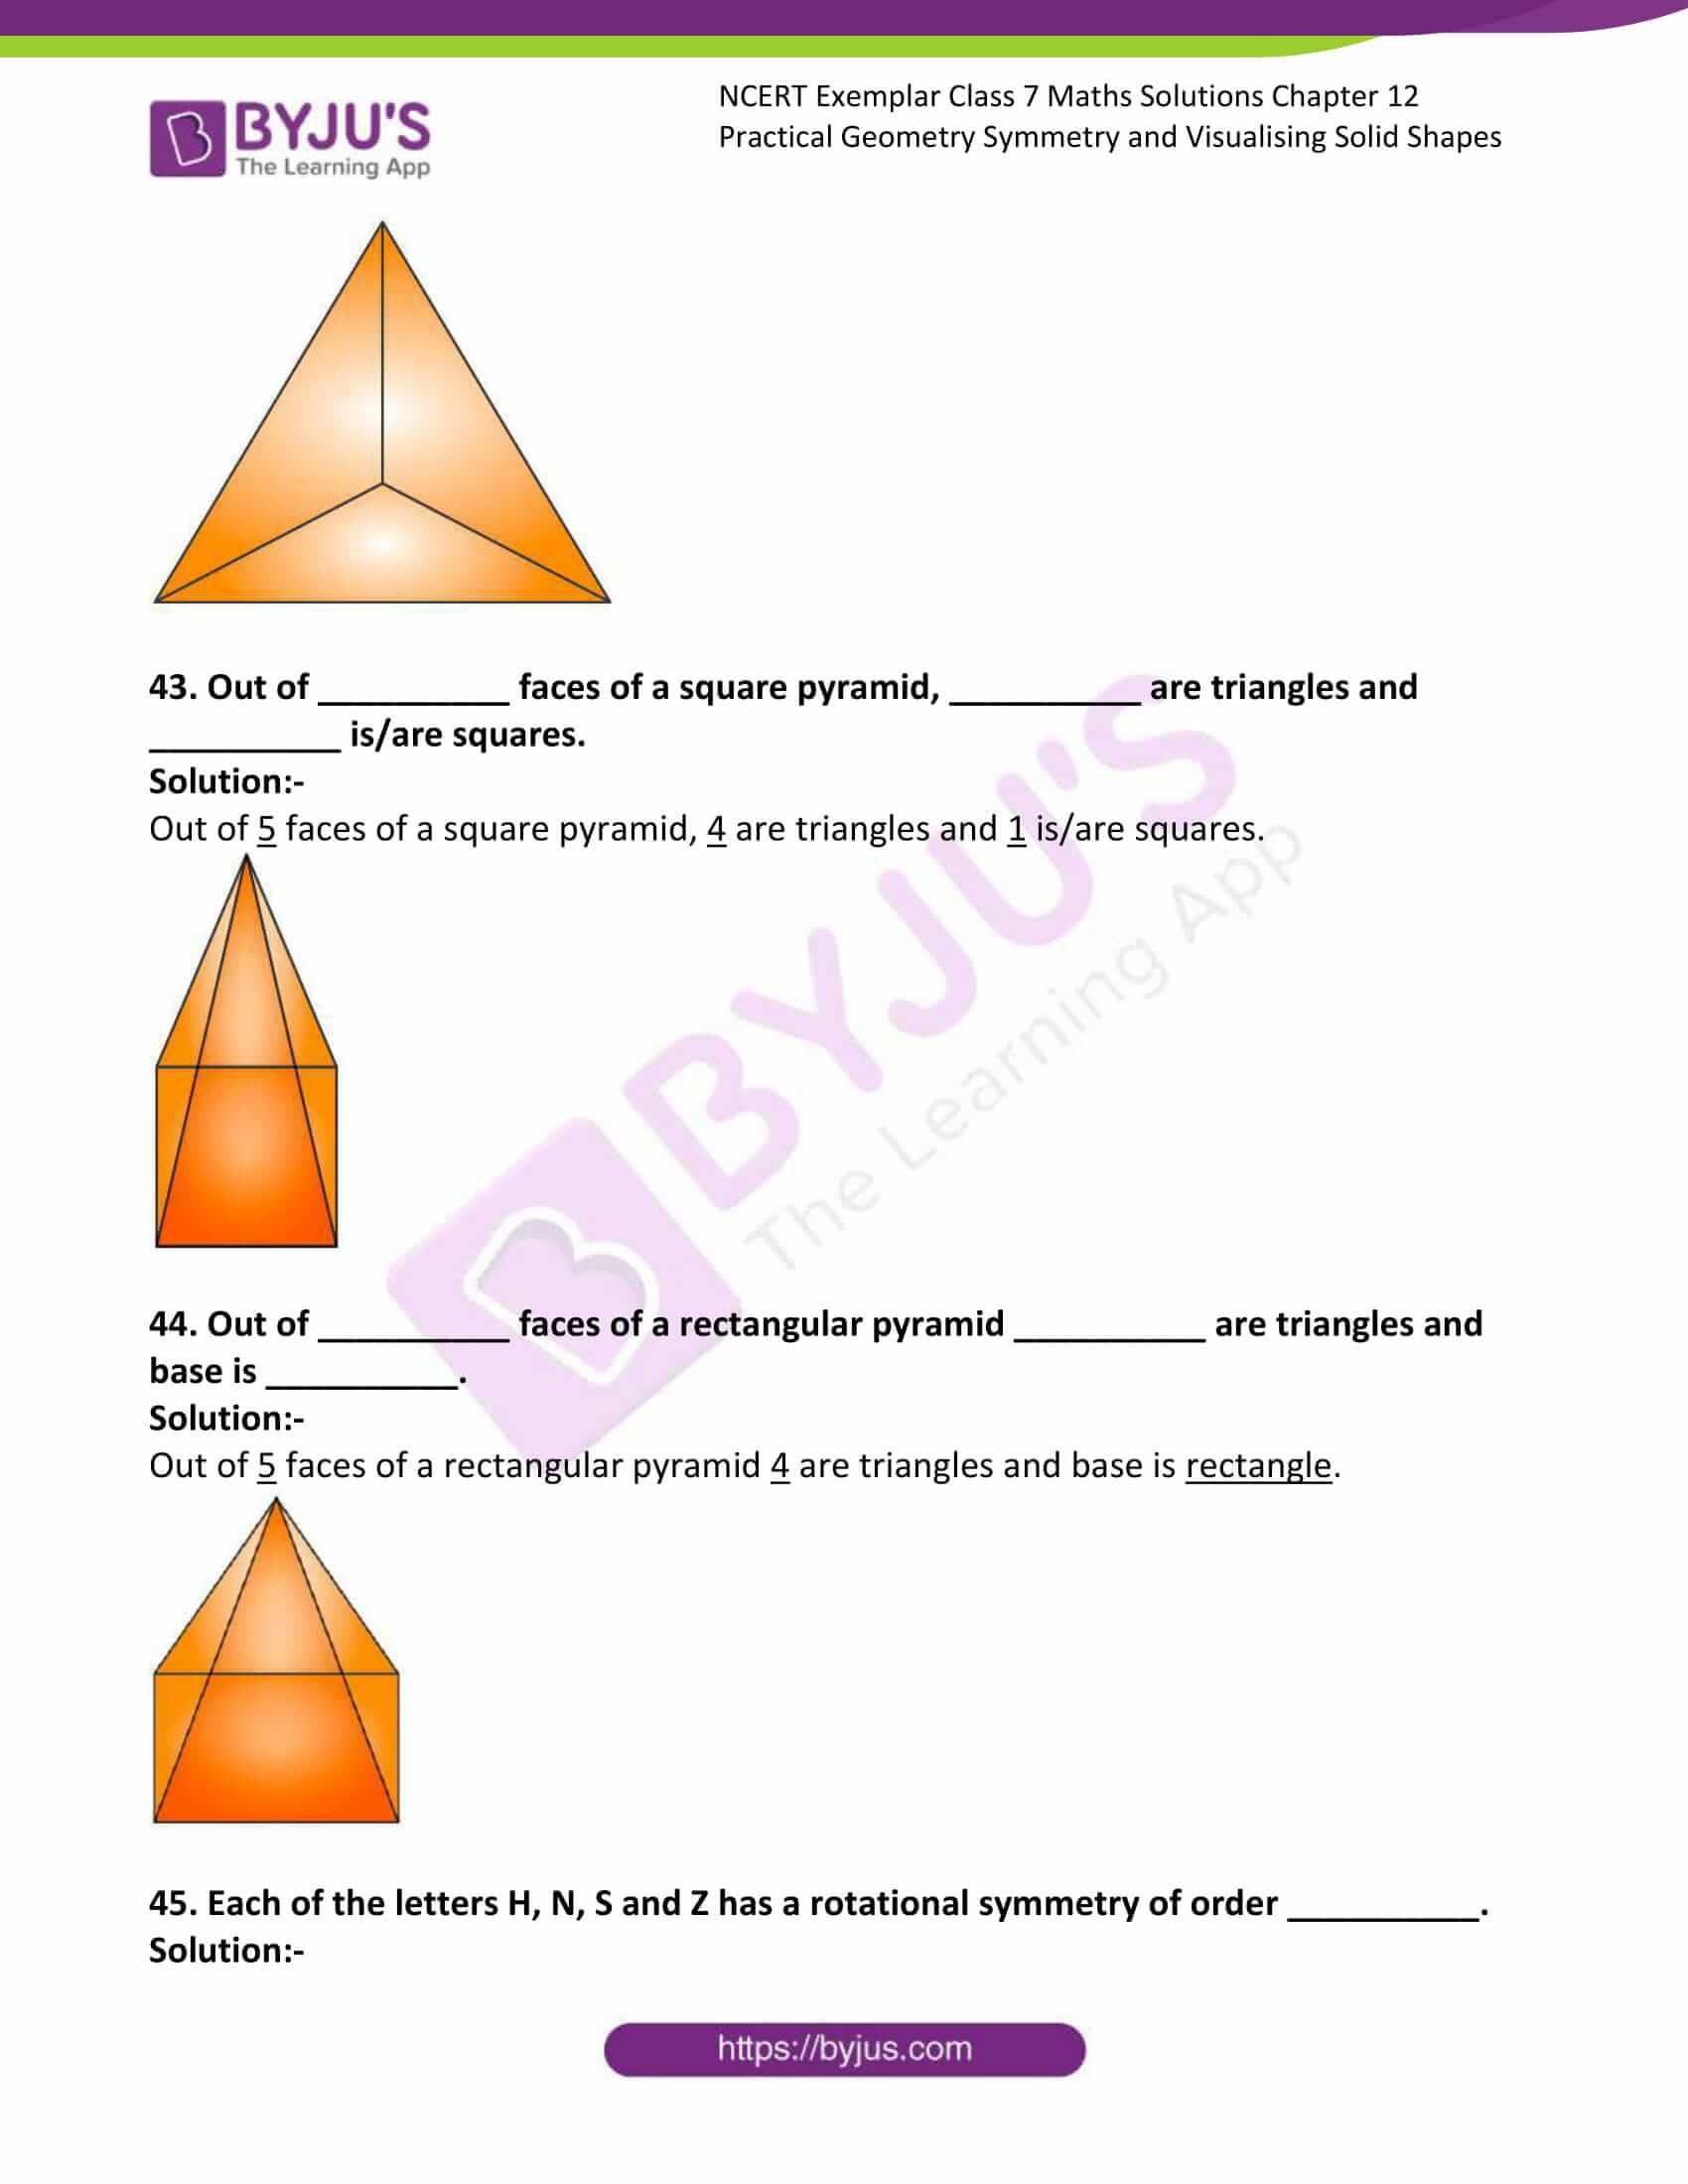 ncert exemplar class 7 maths solutions chapter 12 15